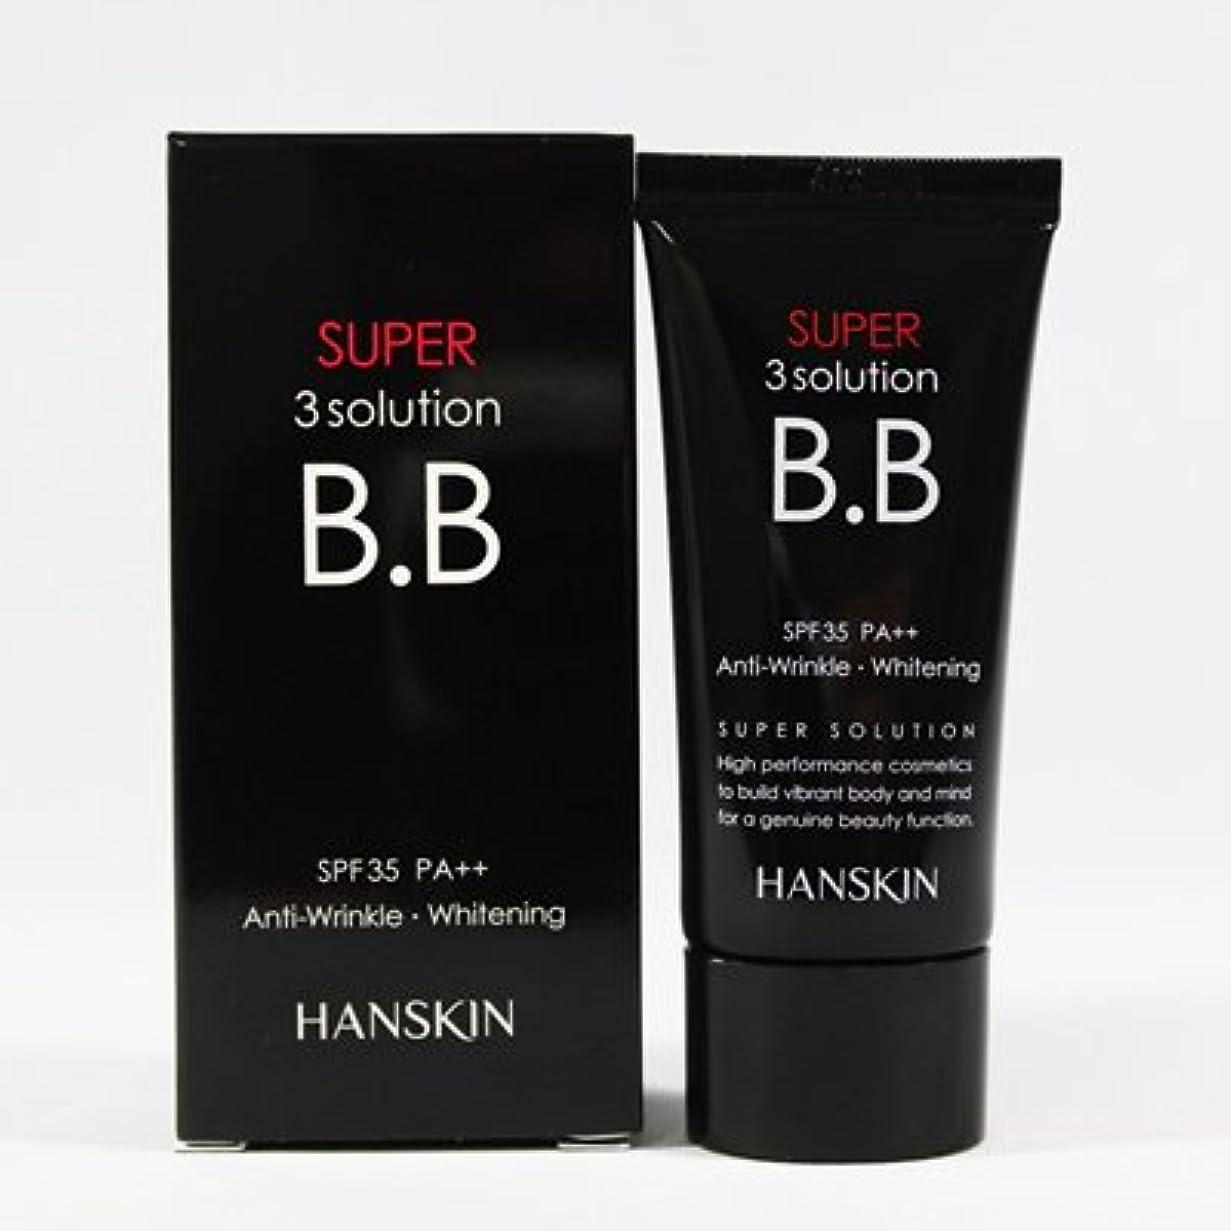 カウント繊毛判読できないHANSKIN ハンスキン スーパー3ソリューションBBクリーム(30g)